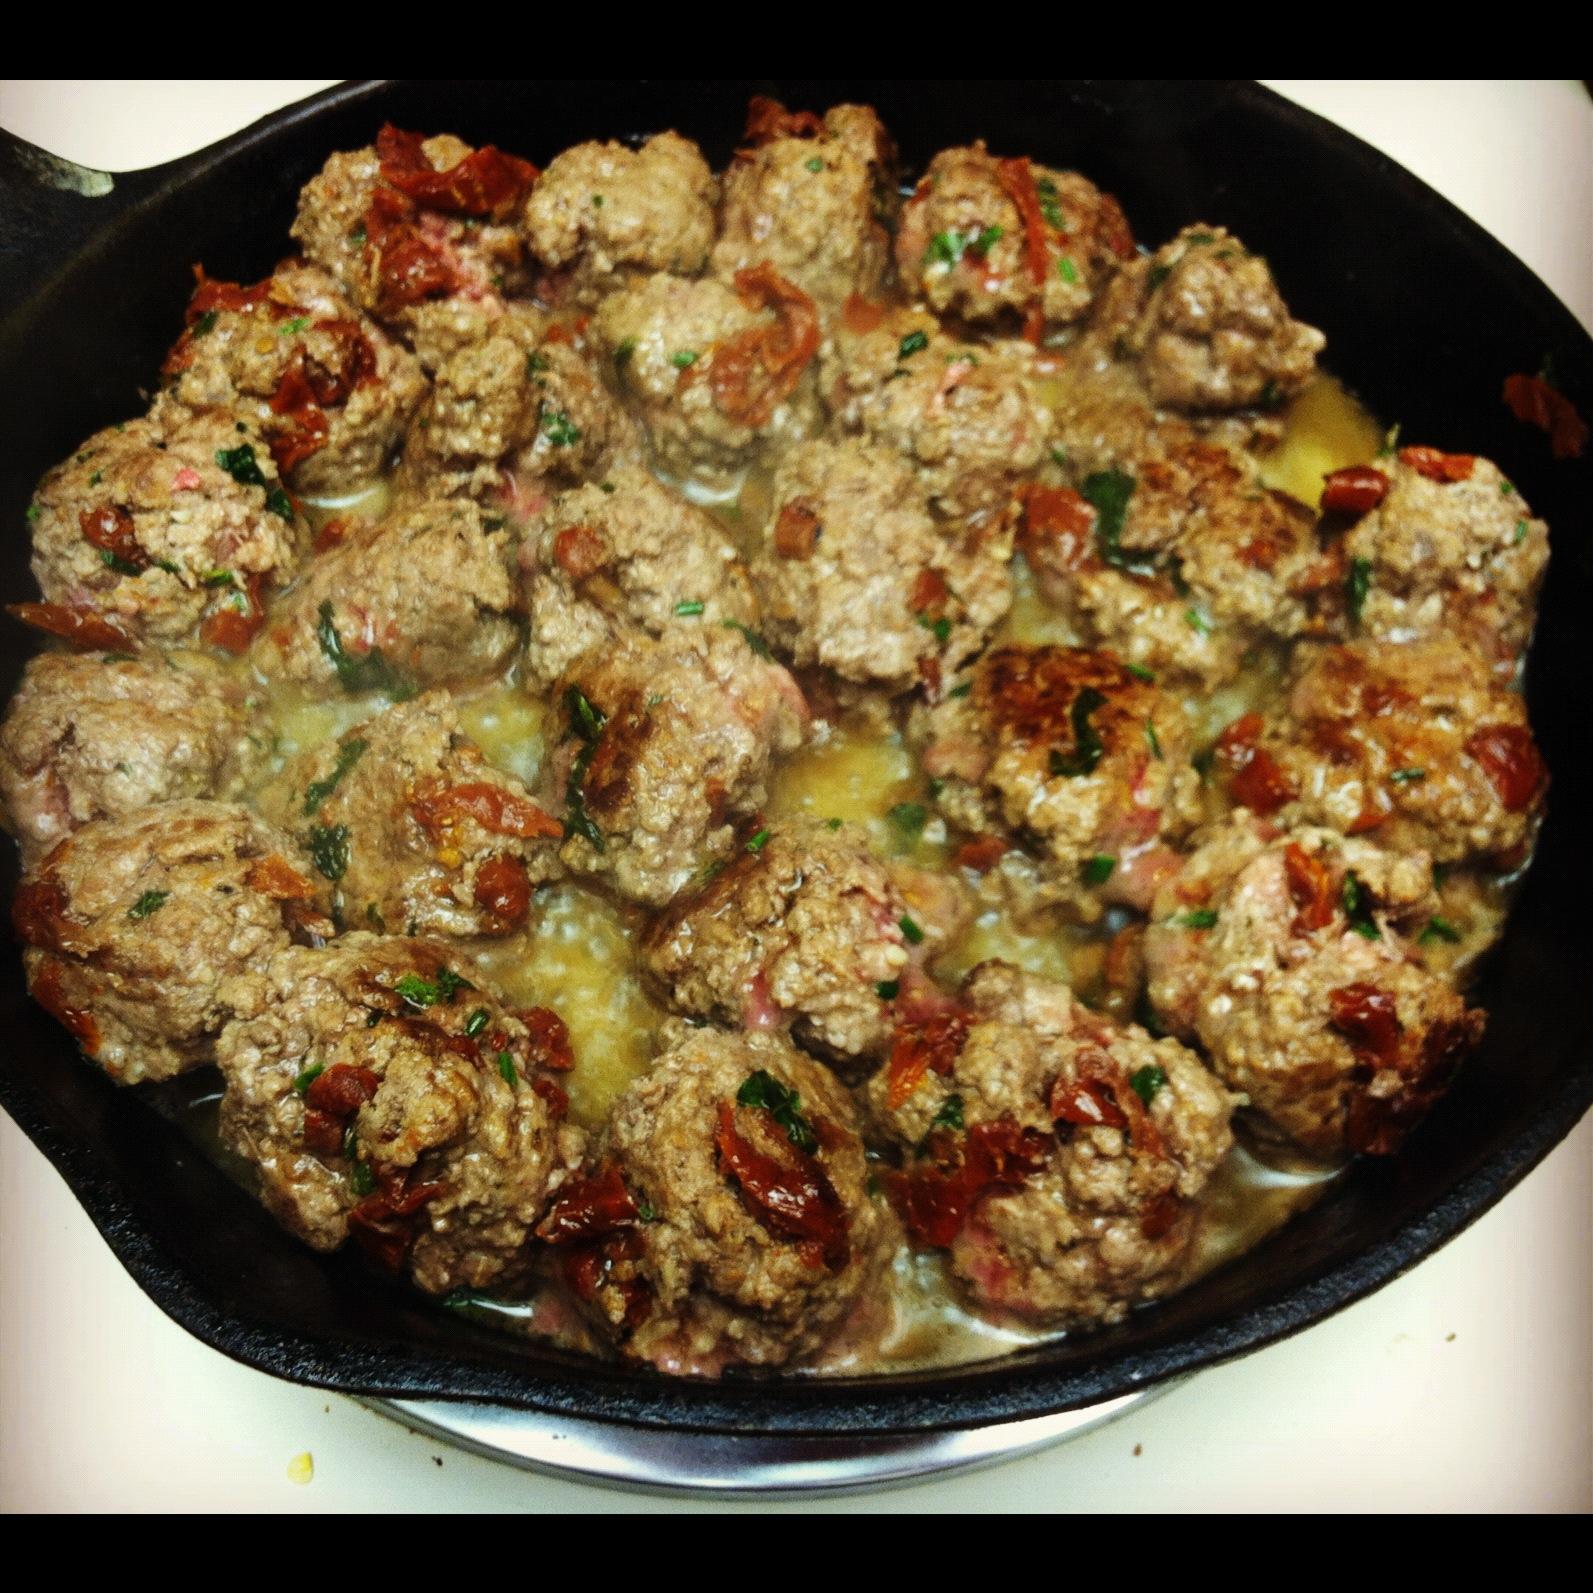 Sun-Dried Tomato & Pesto Meatballs w/ Zucchini Noodles